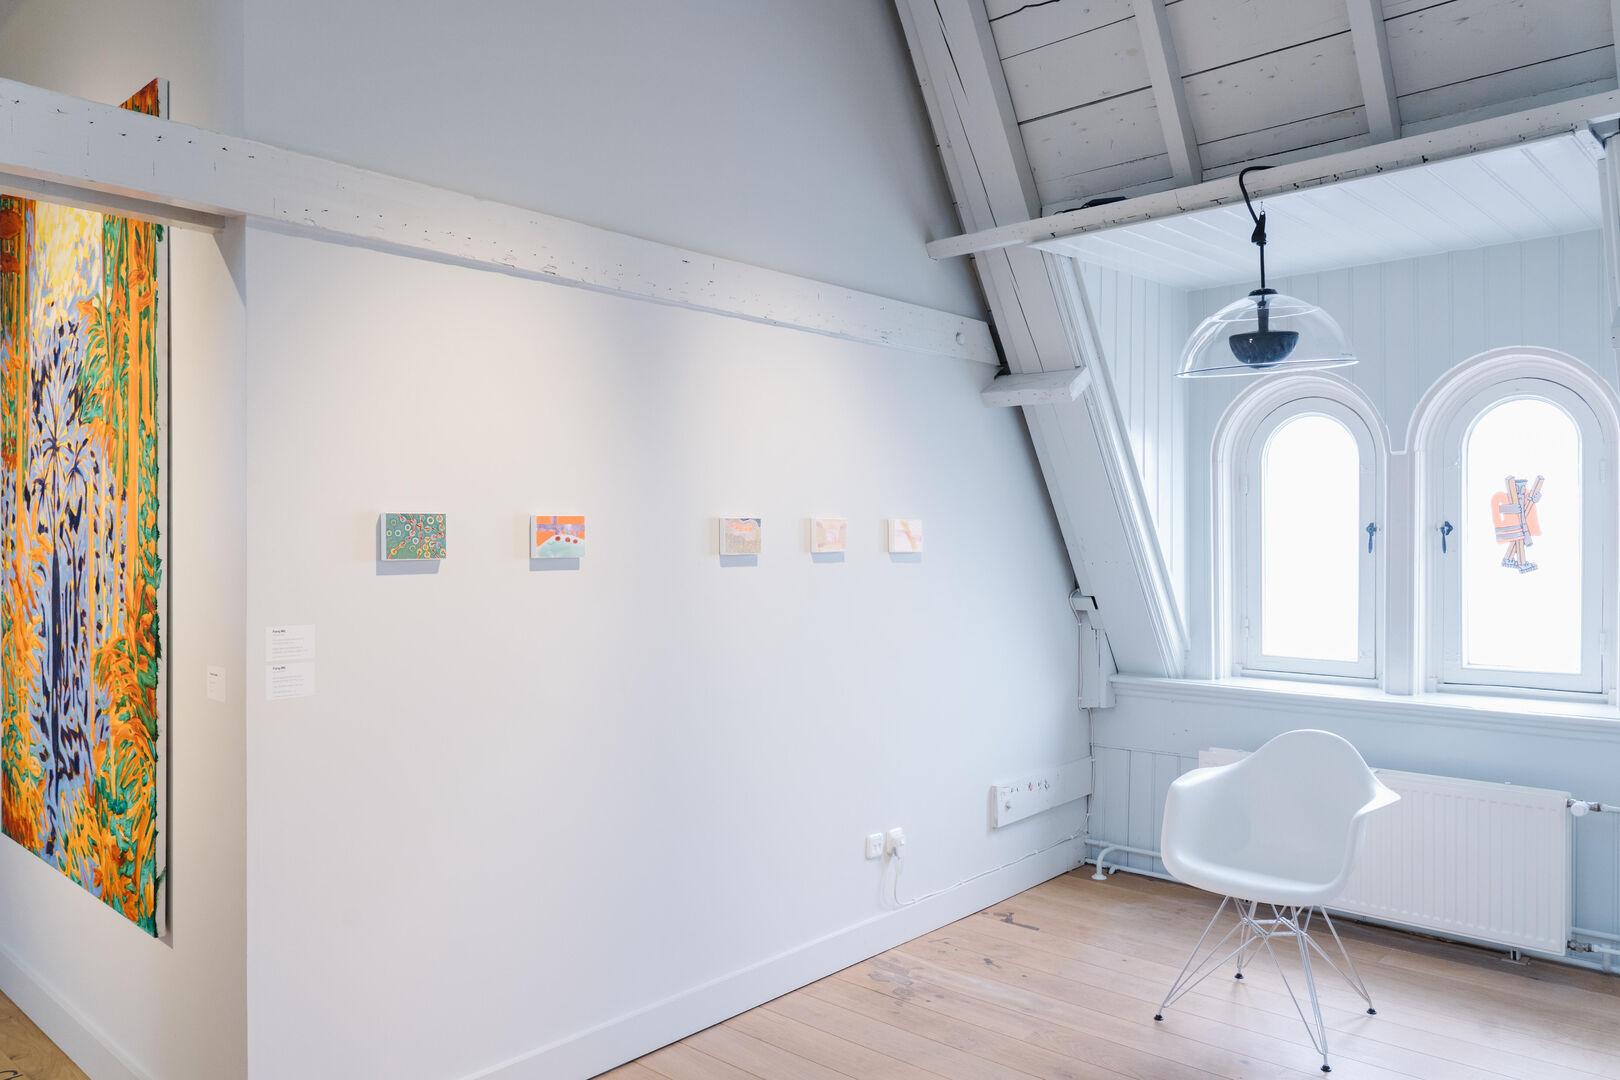 Museum Jan Cunen_opening_3oktober2020_Fotograaf_Almicheal_Fraay-6